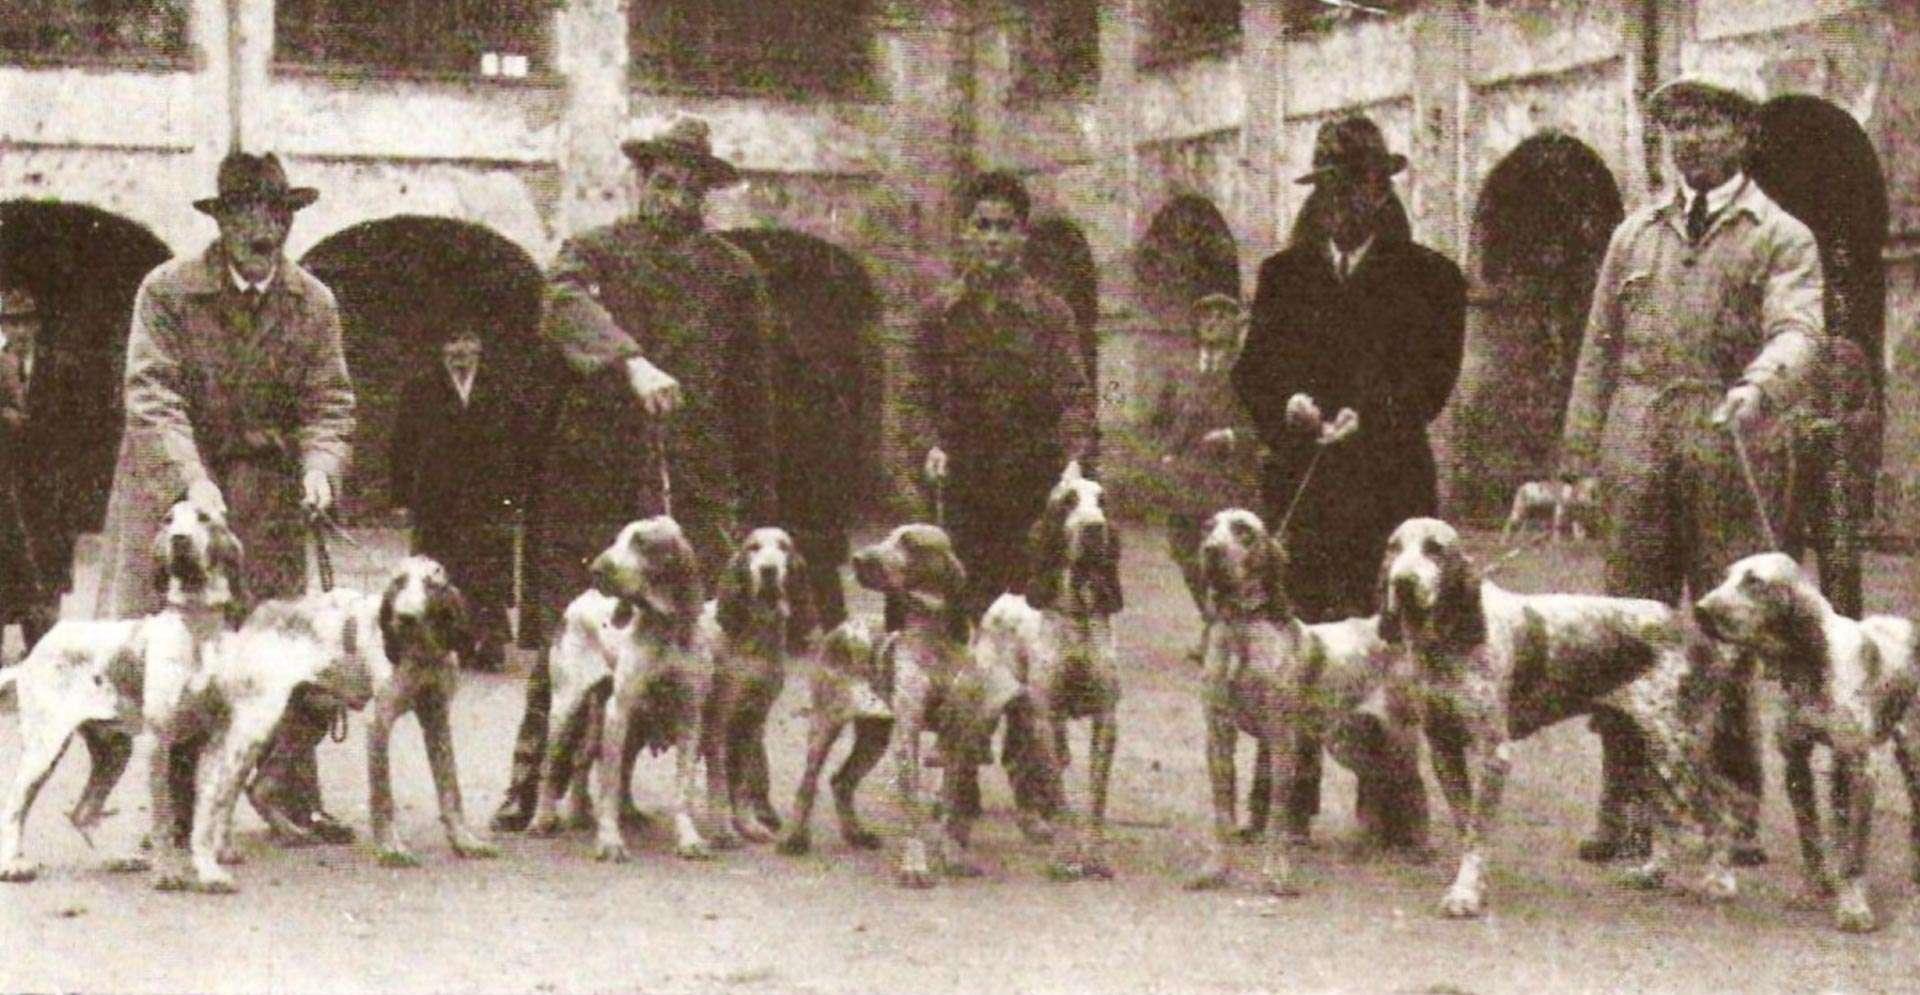 La nascita della SABI - Società Amatori Bracco Italiano